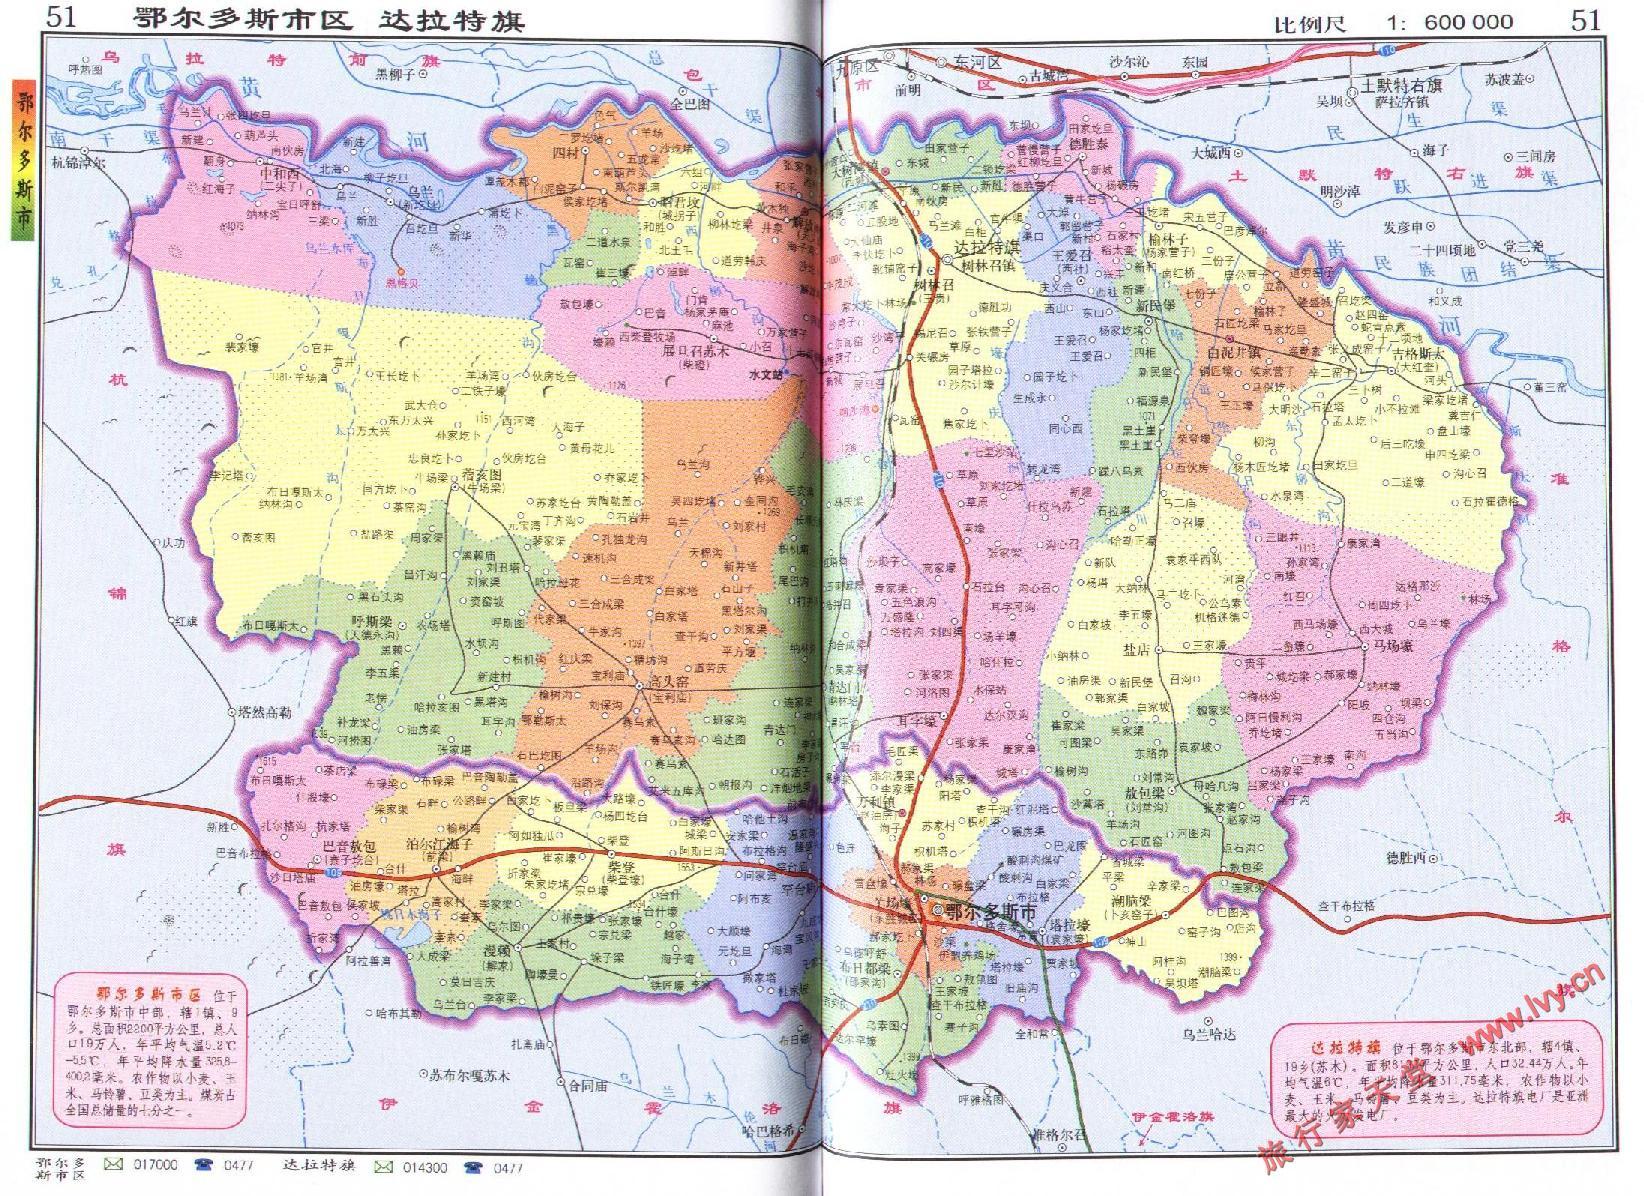 鄂尔多斯市辖区地图